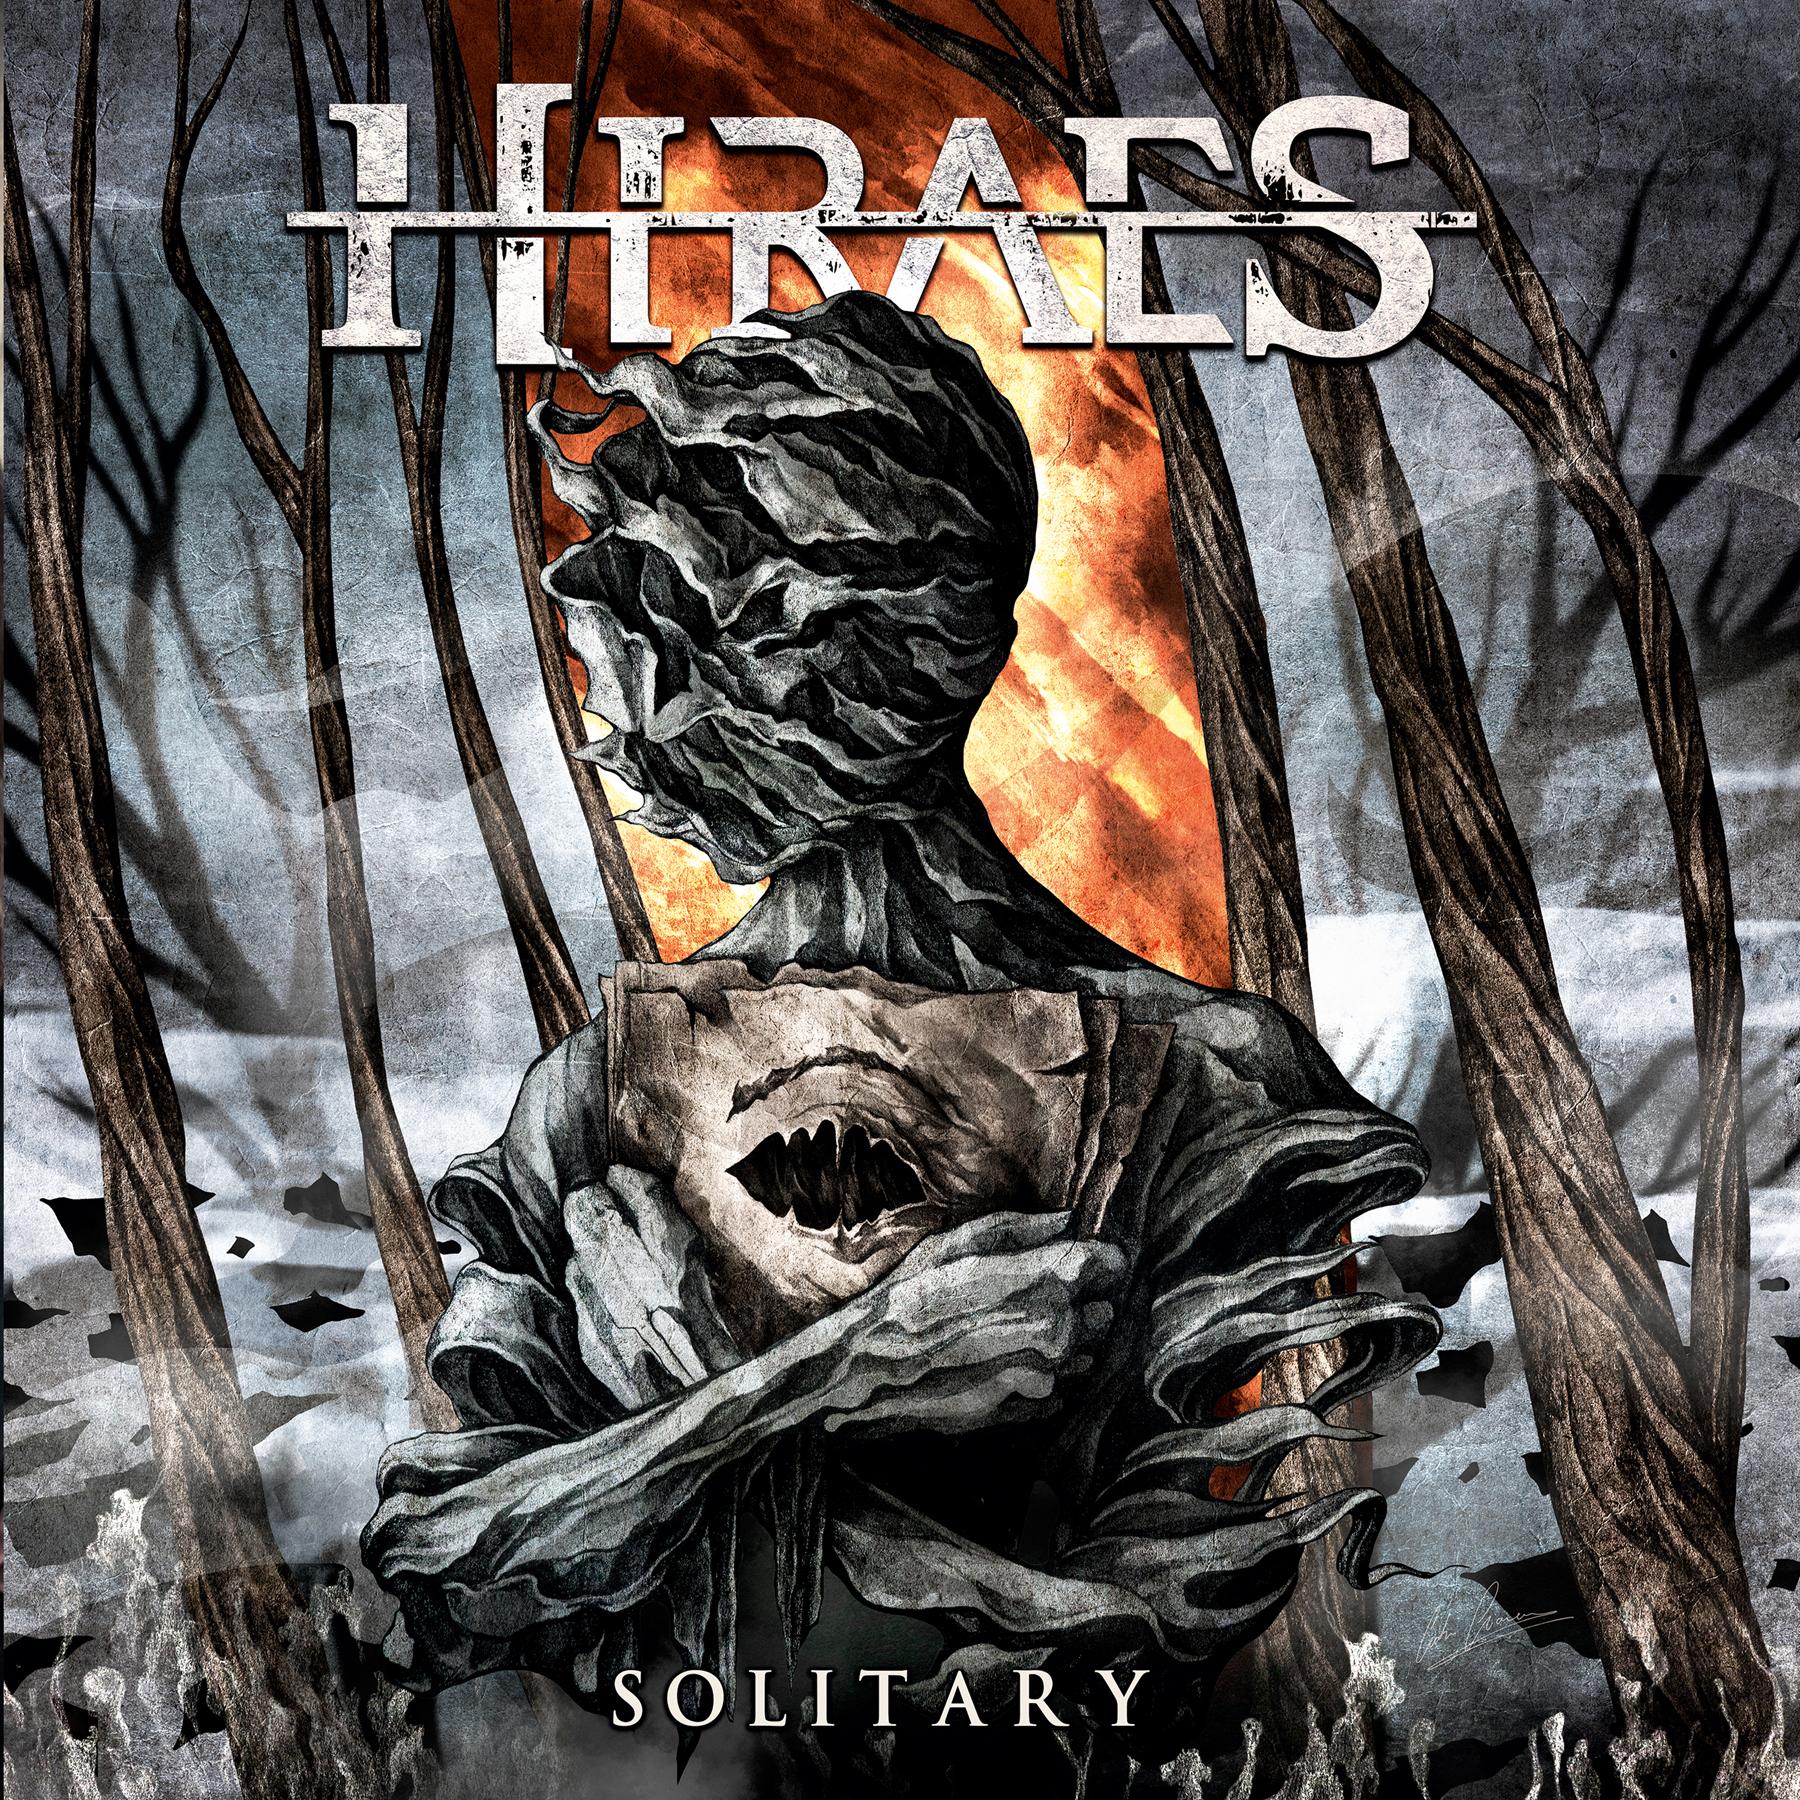 HIRAES - album